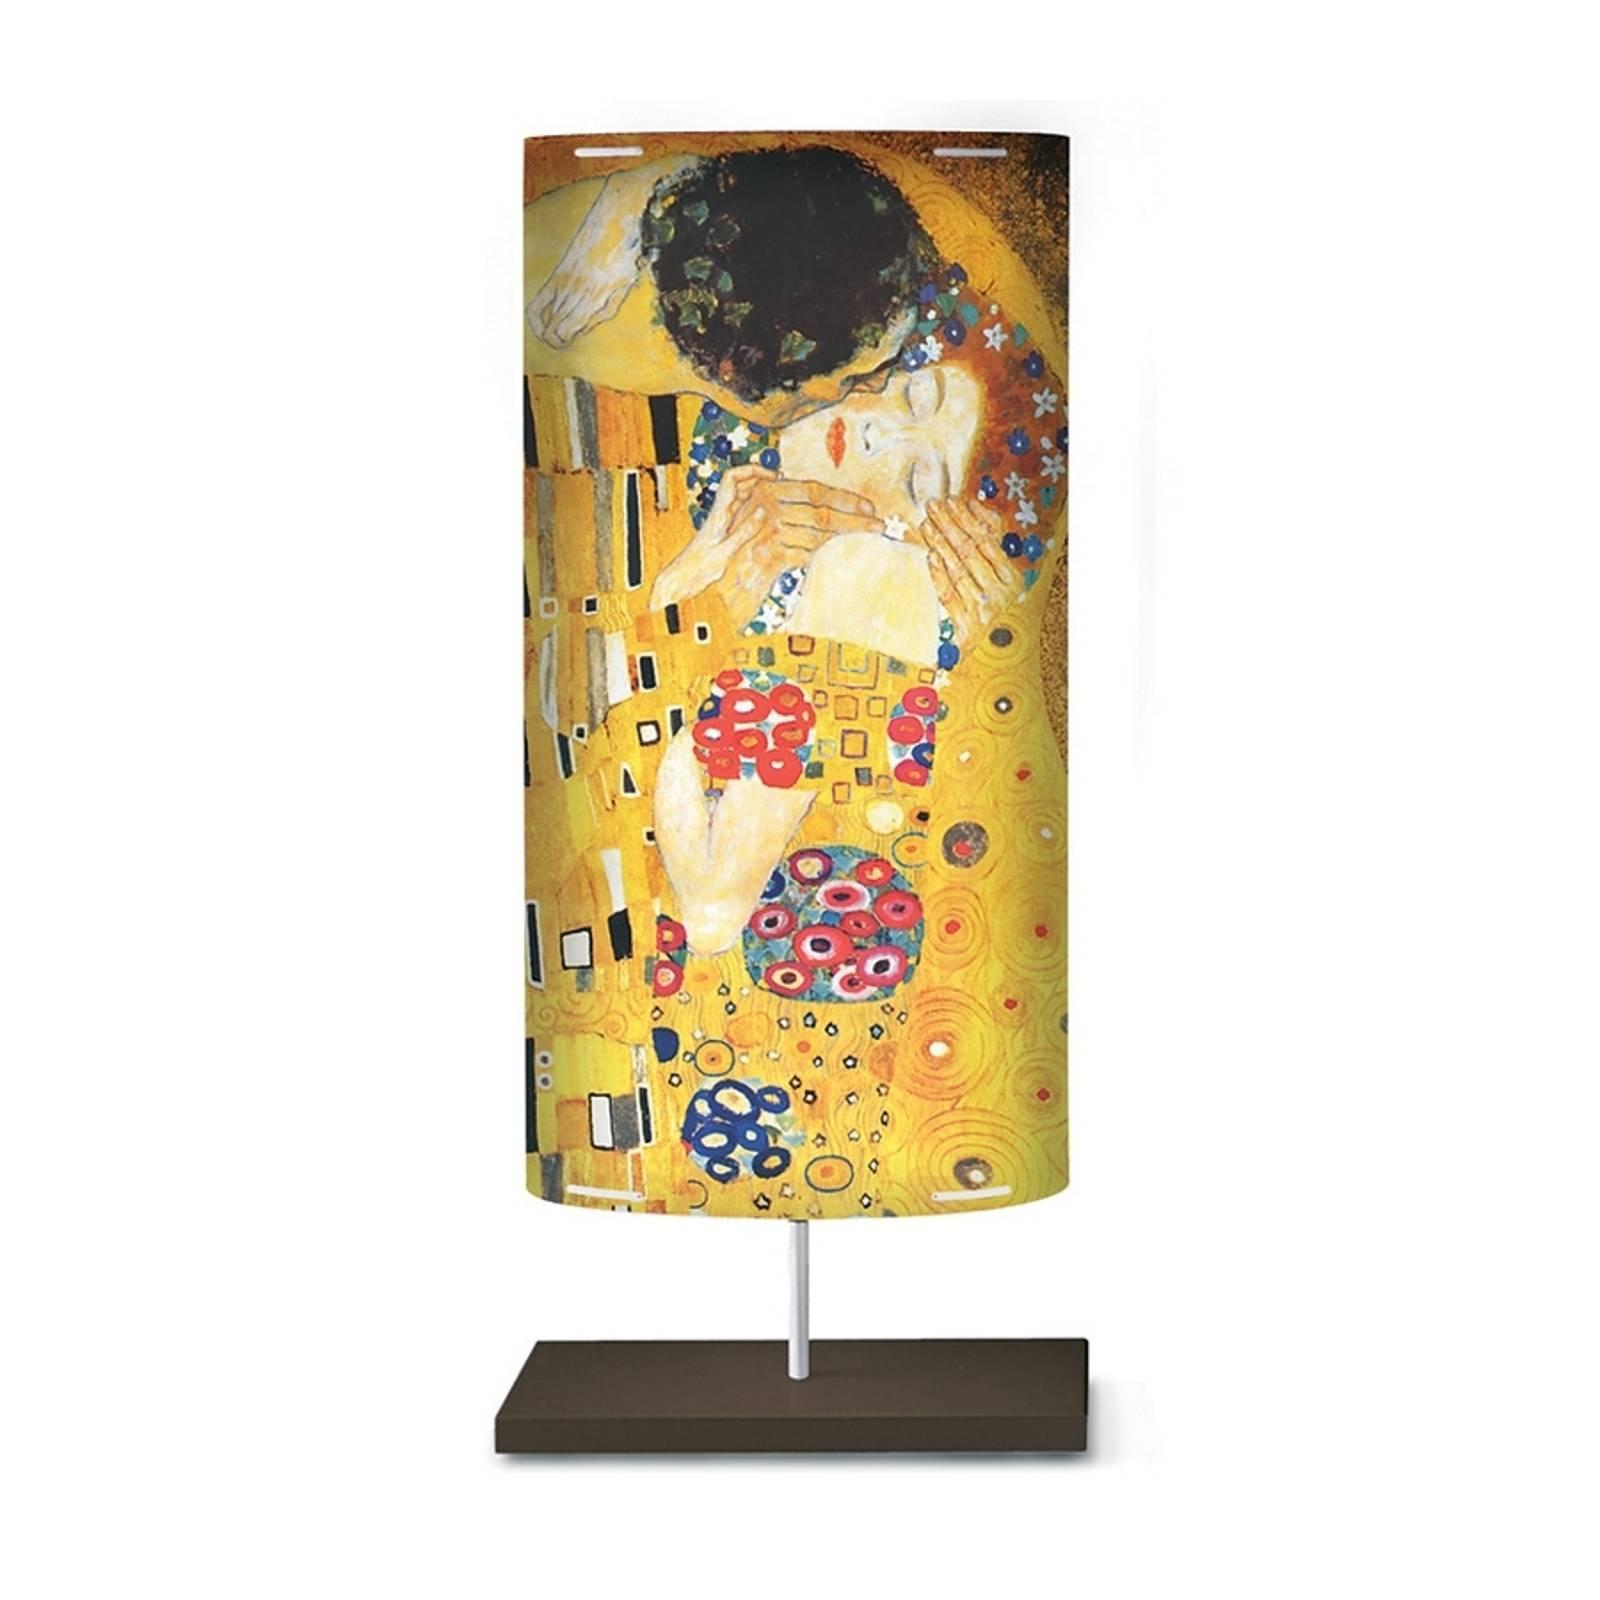 Lampadaire Klimt III